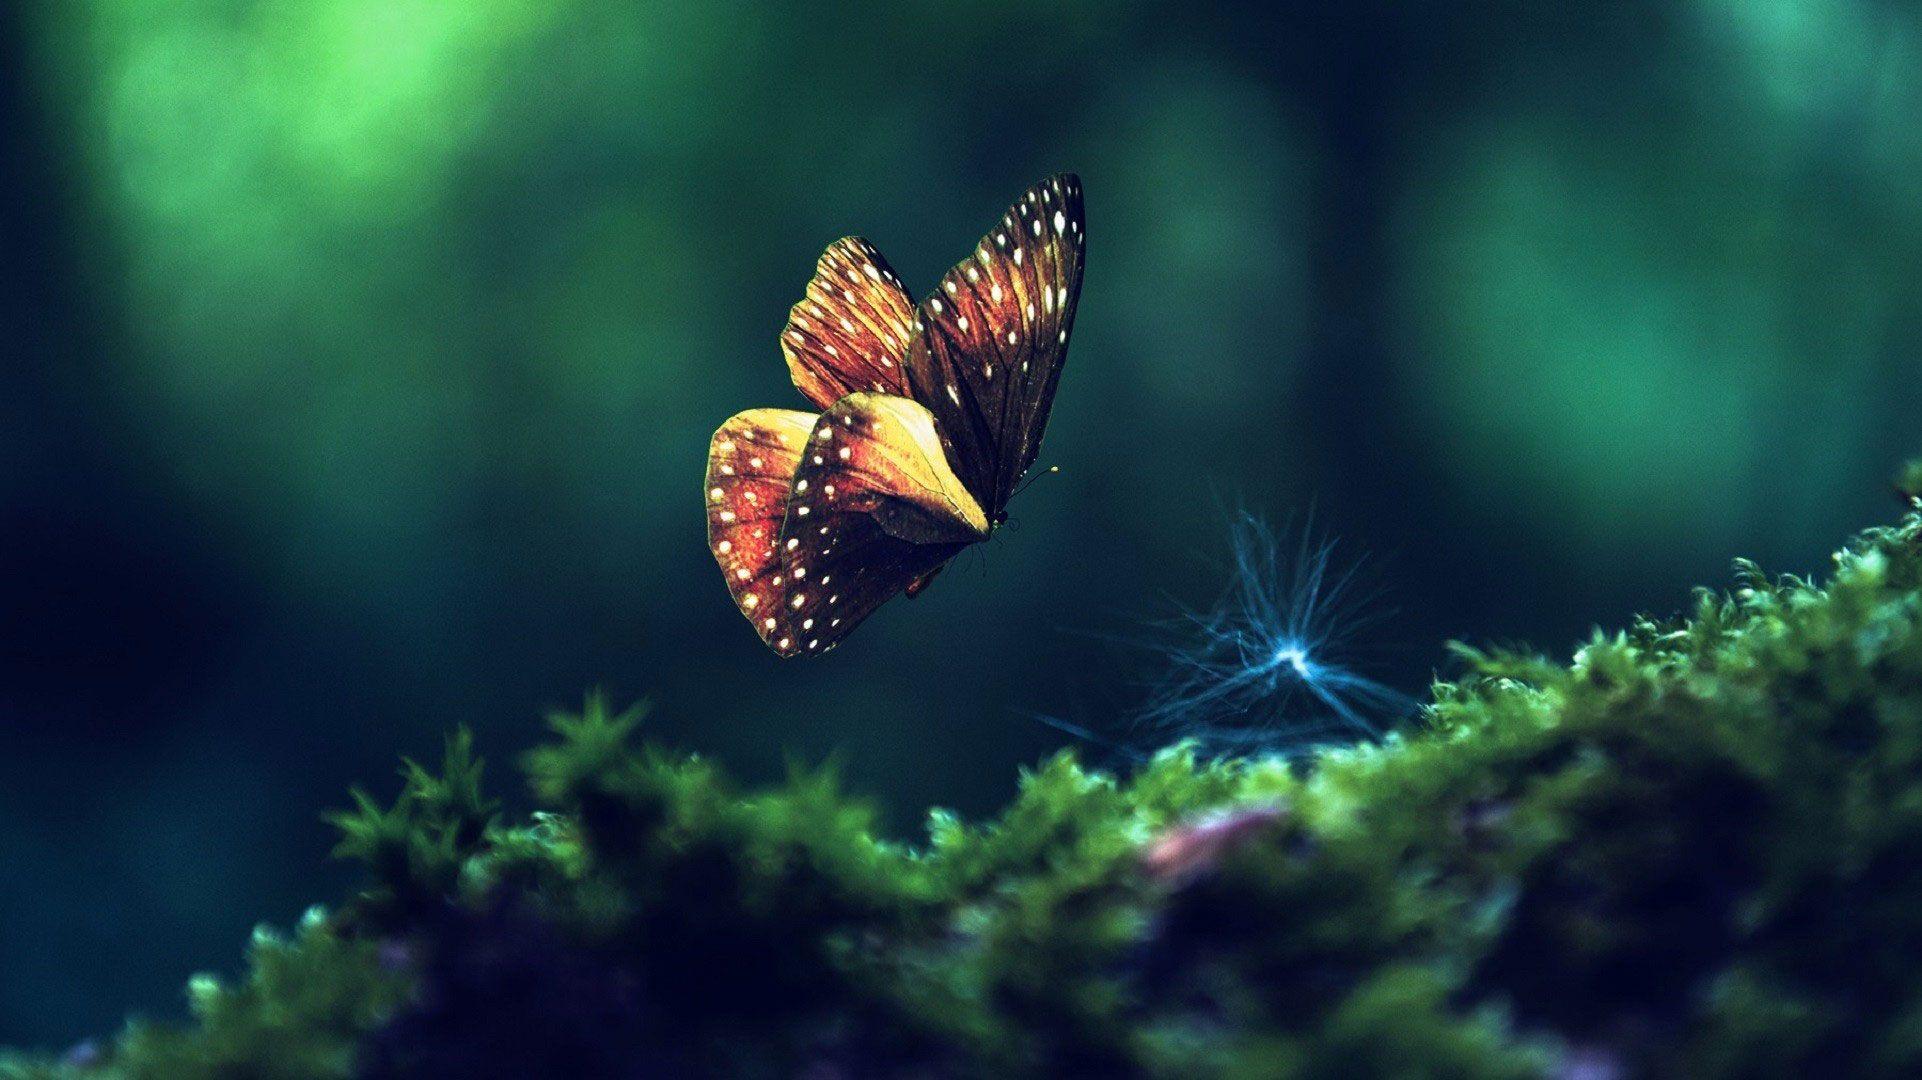 Beautiful Butterfly Wallpaper Hd Butterfly Wallpaper Live Wallpapers Aesthetic Wallpapers